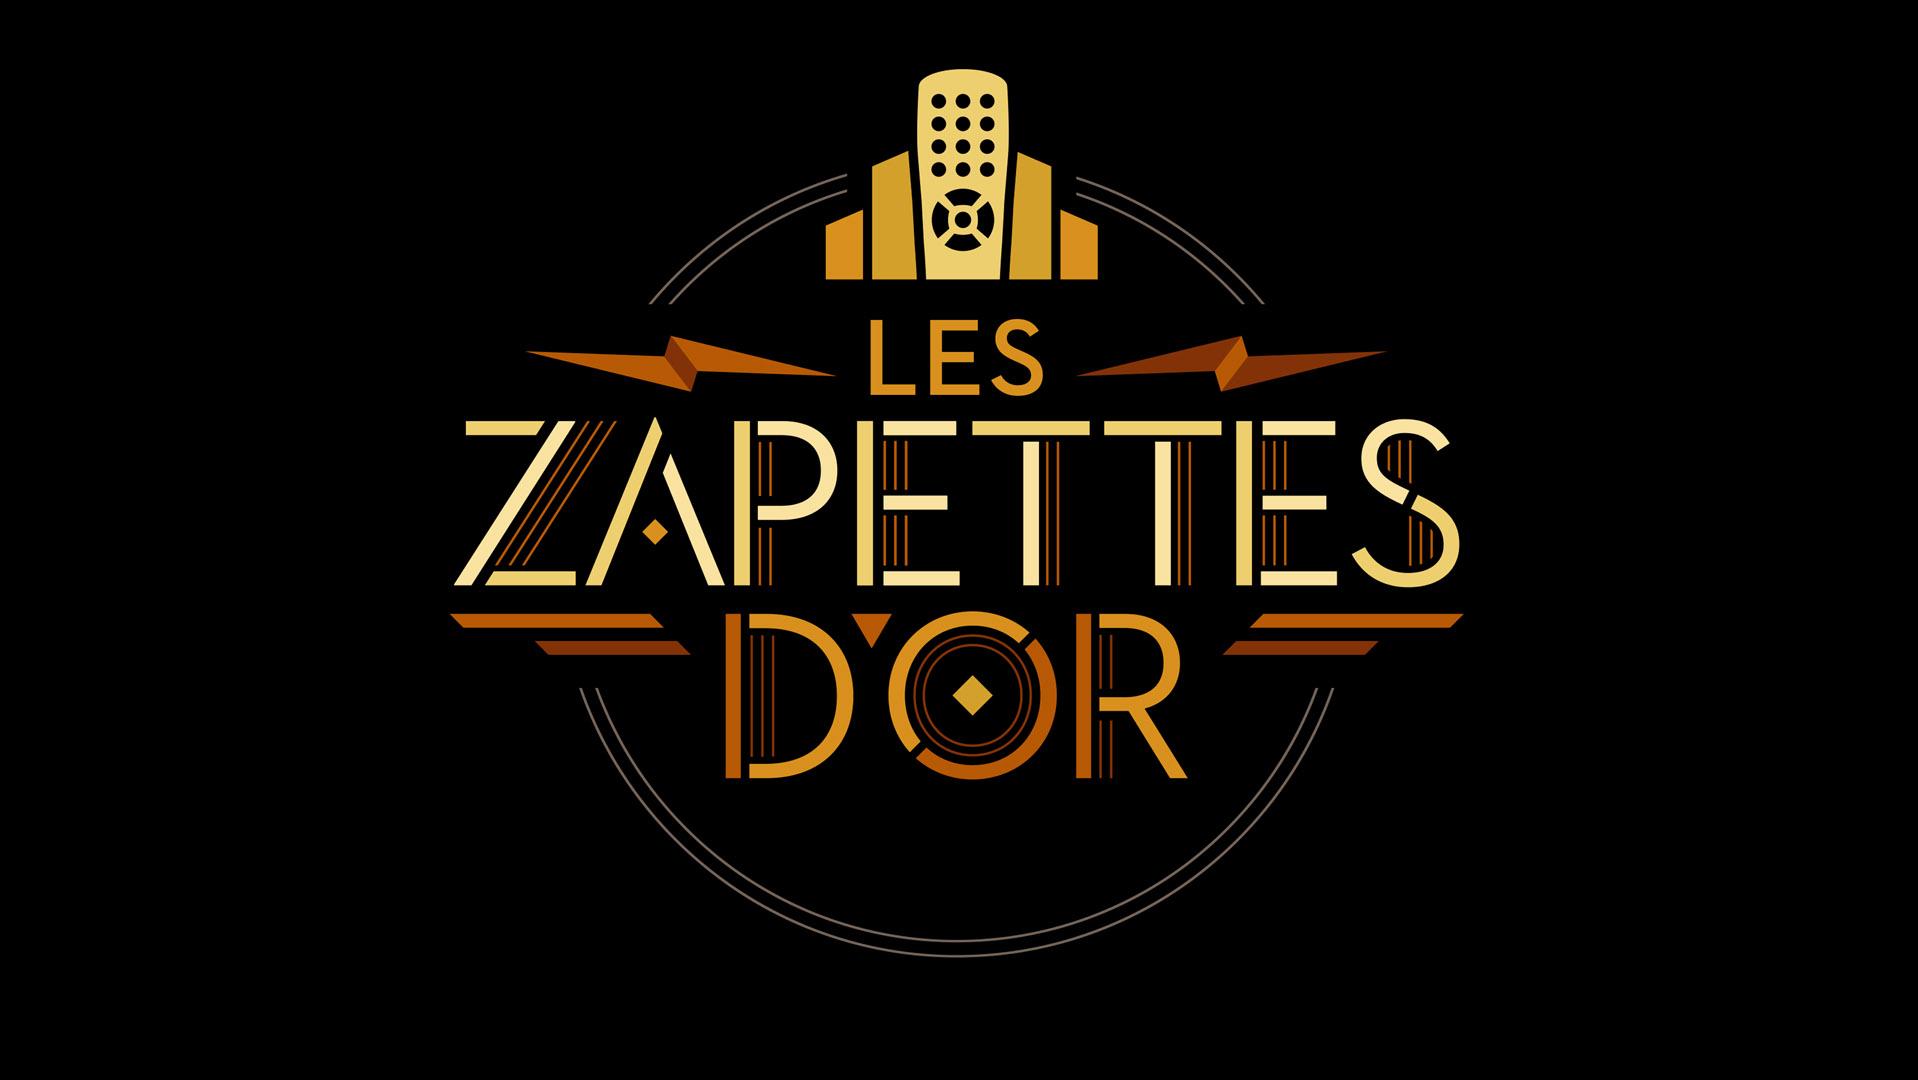 zapettes-logo